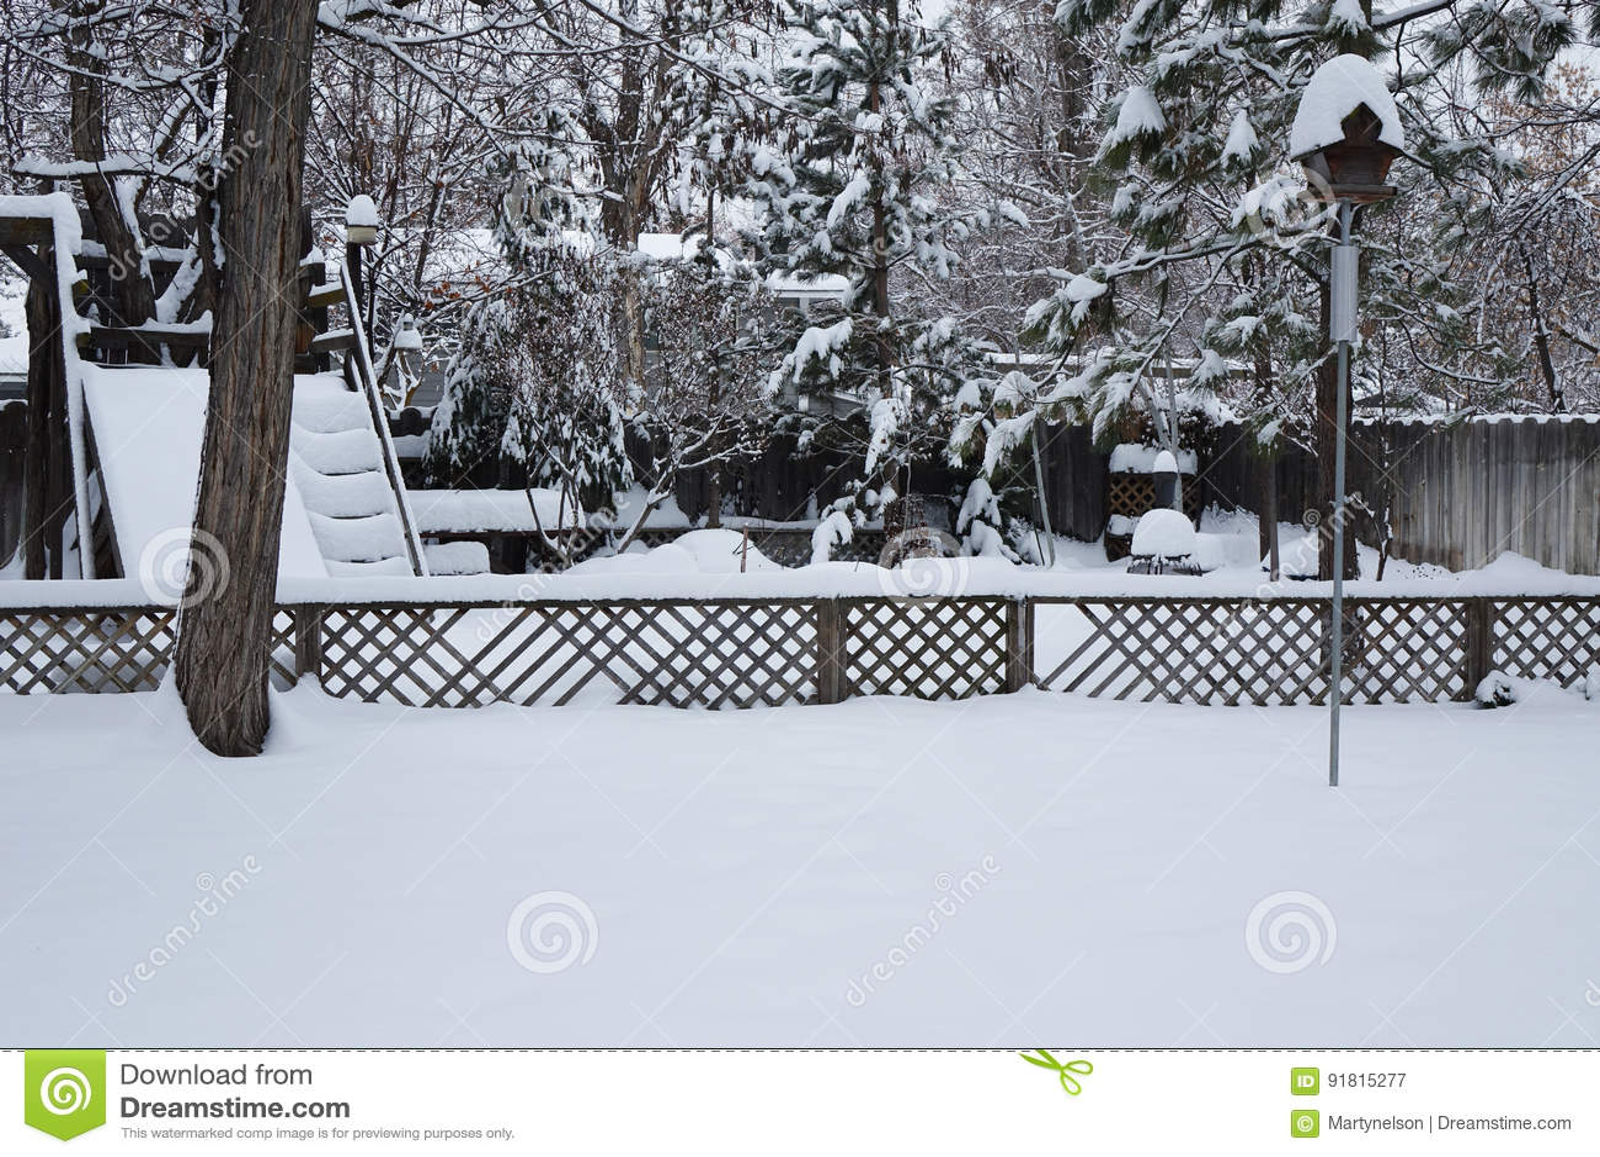 Winter Wonderland of Deep Snow